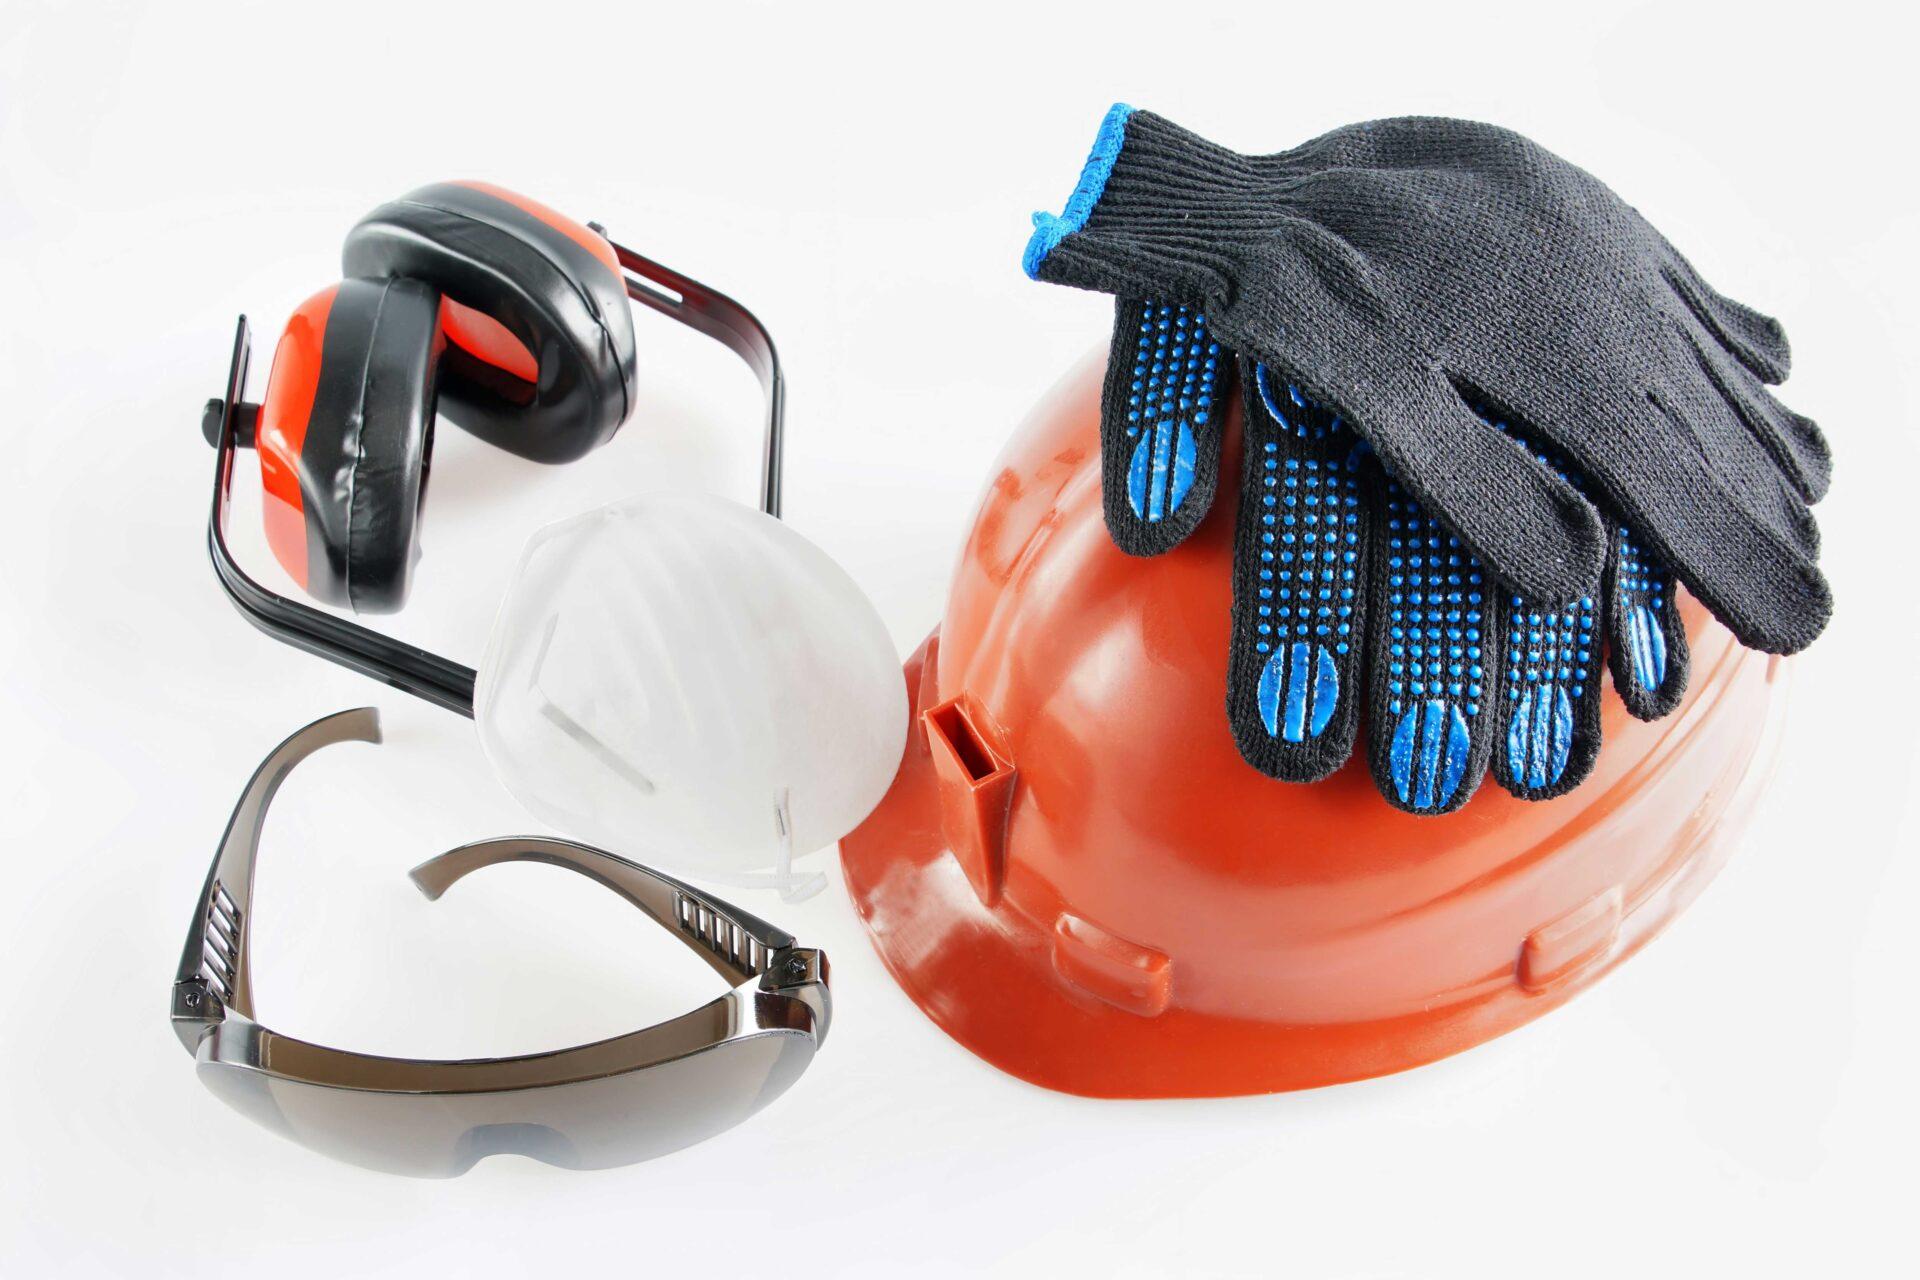 Secteur des EPI en Allemagne soit des équipements de protection de chantier avec un casque, des gants, des lunettes de protection et un casque anti-bruit